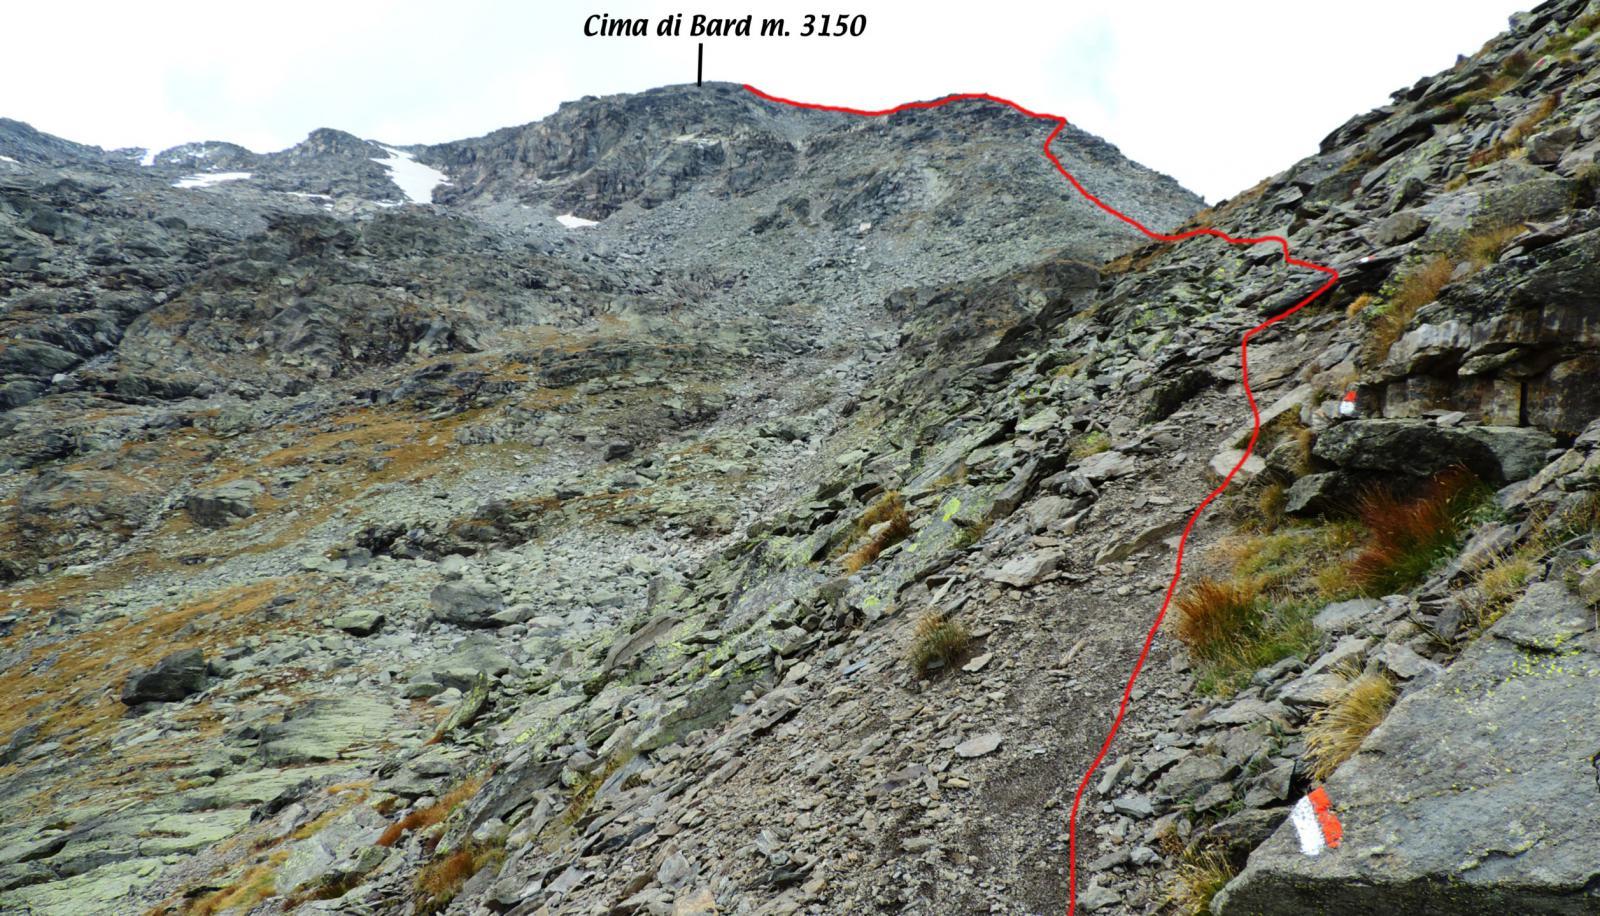 il tracciato della via di salita da quota 2700 m. (da pochi metri sopra il Bivacco Vacca)